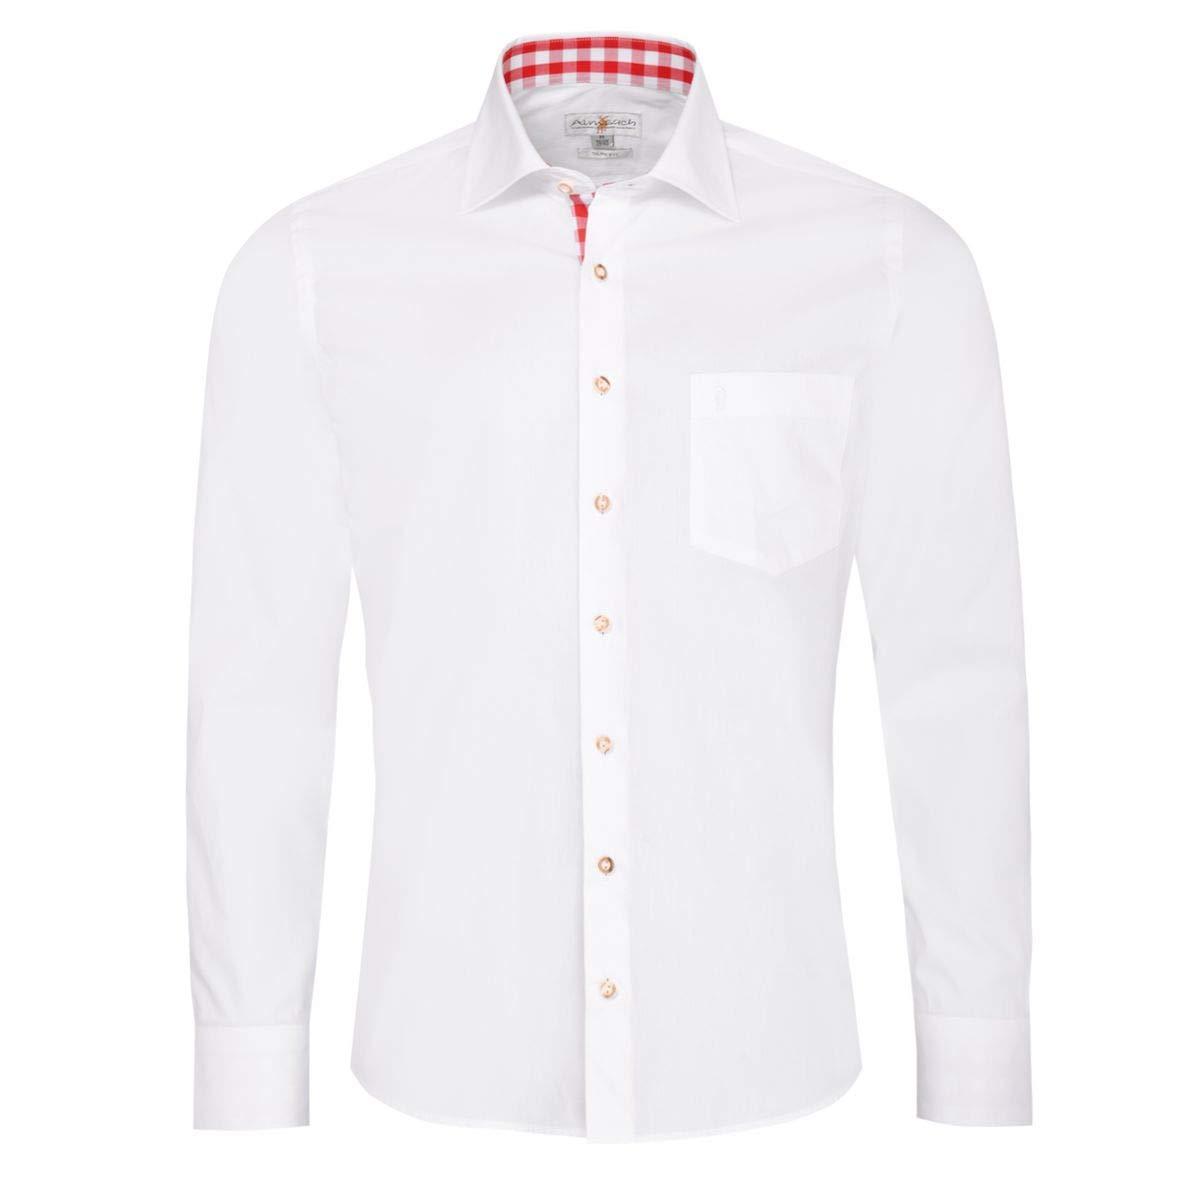 1313d1f8e95fef Almsach Trachtenhemd Dennis Slim Fit in Weiß und Rot Inklusive  Volksfestfinder